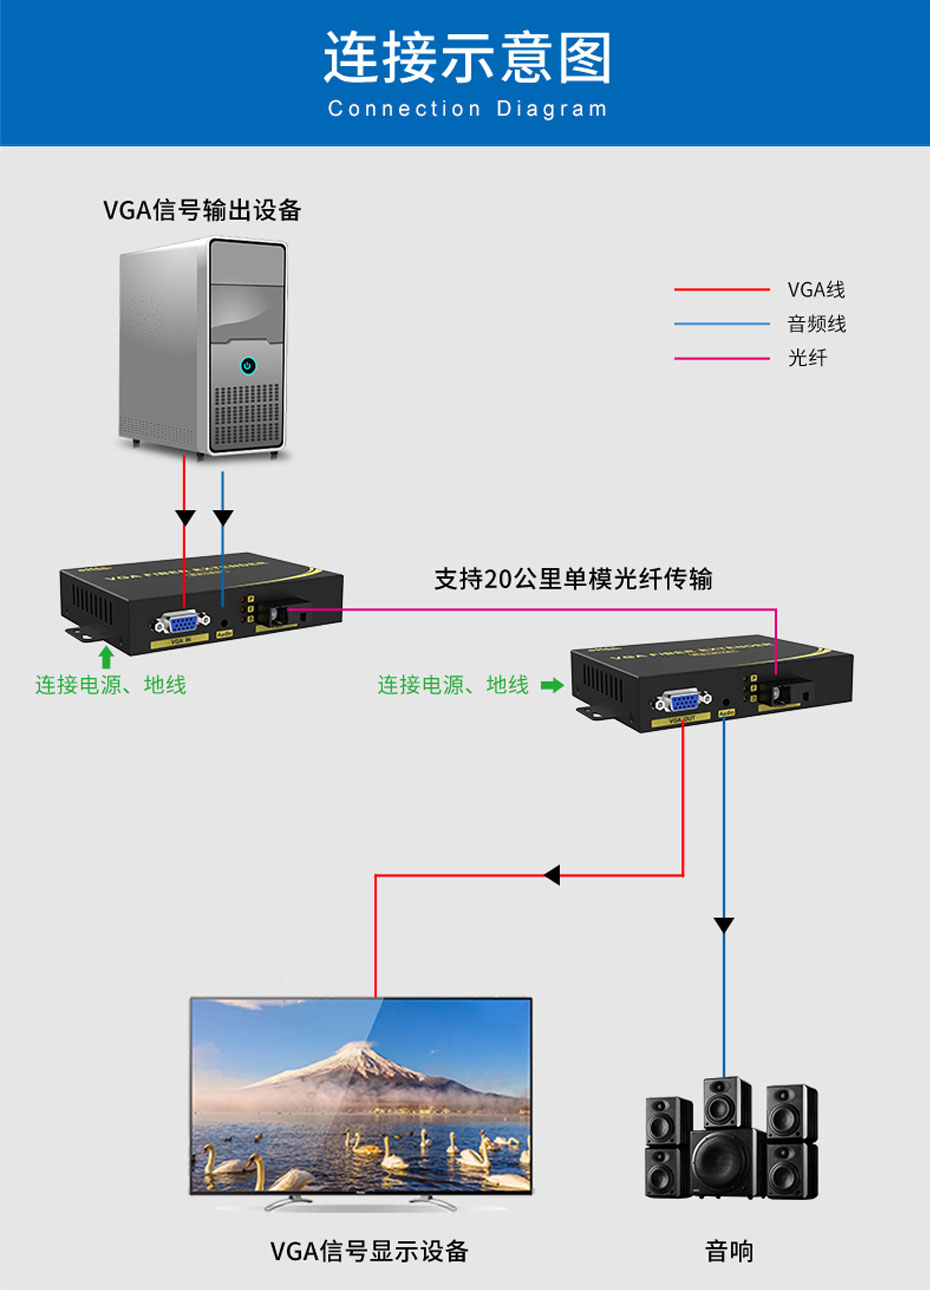 20千米VGA光端机VF200连接使用示意图